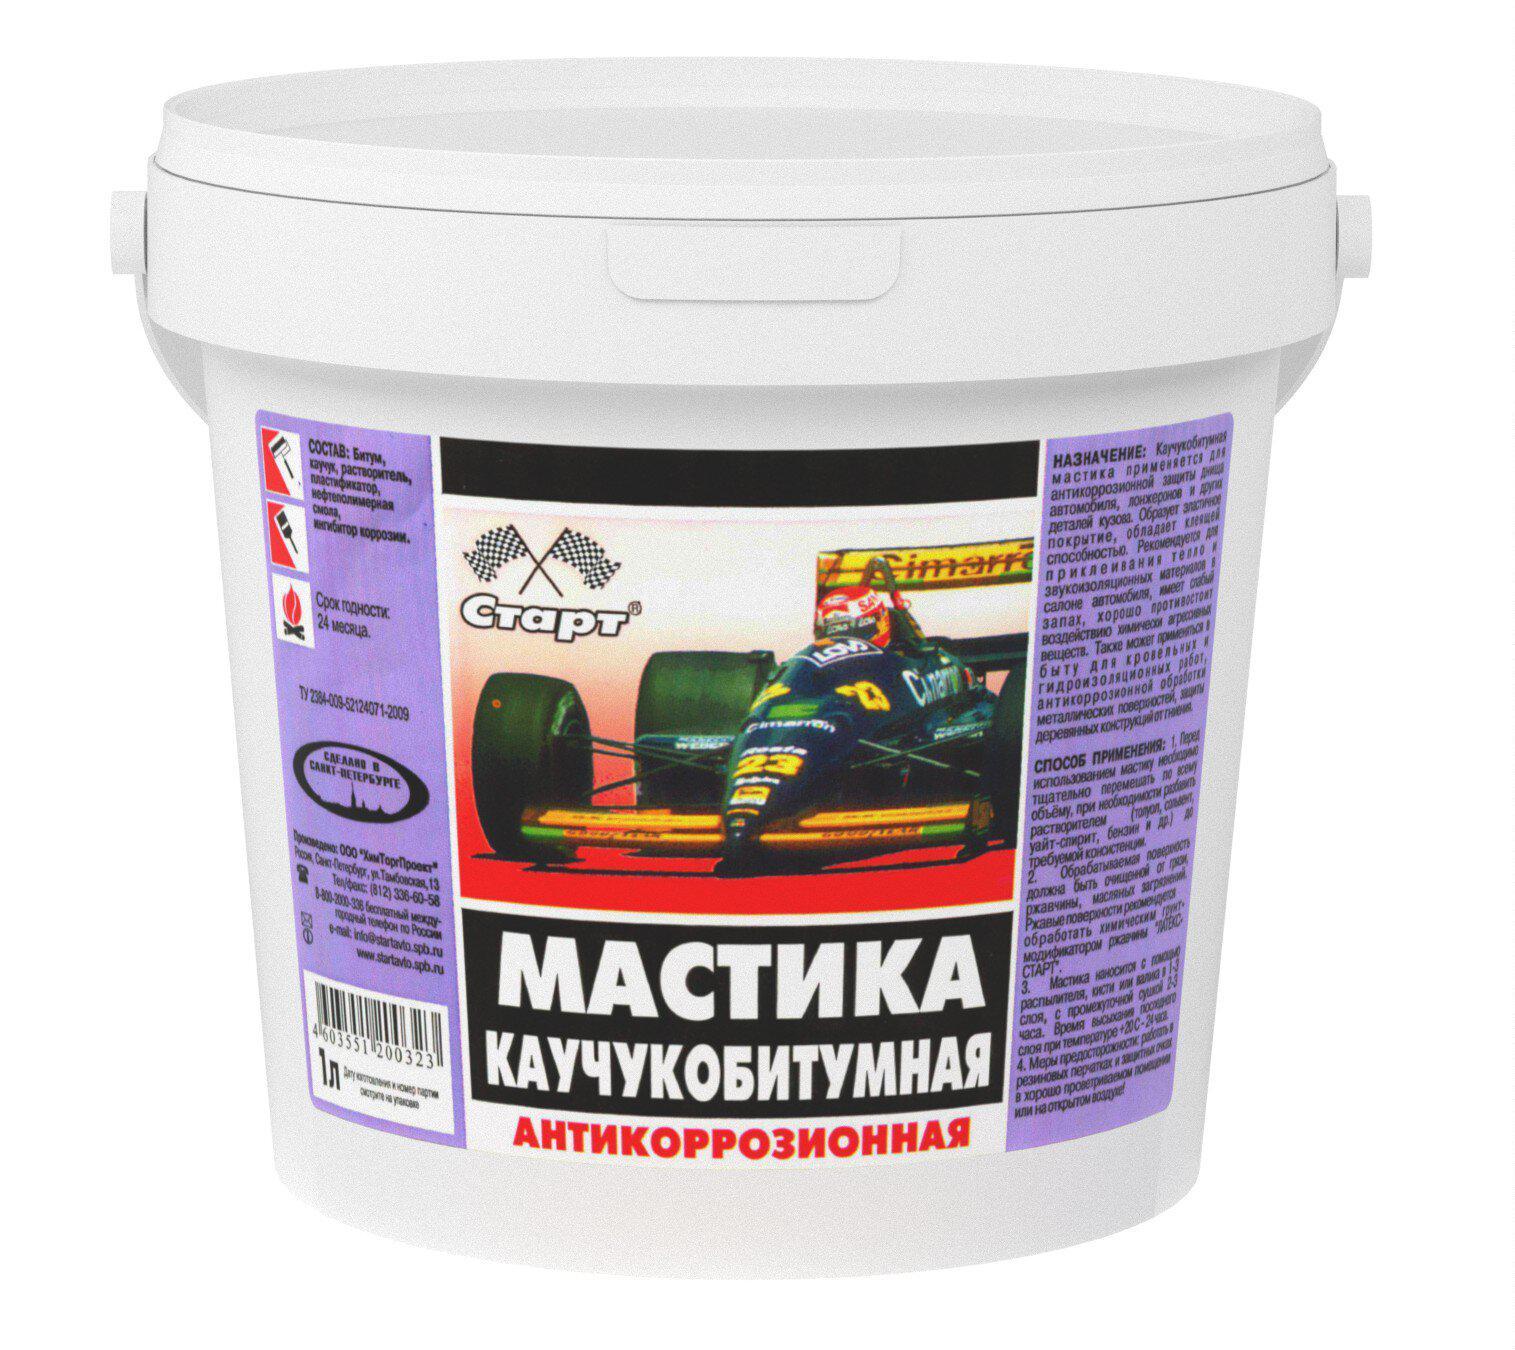 Мастика СТАРТ 2046 кондитерская мастика купить в днепропетровске